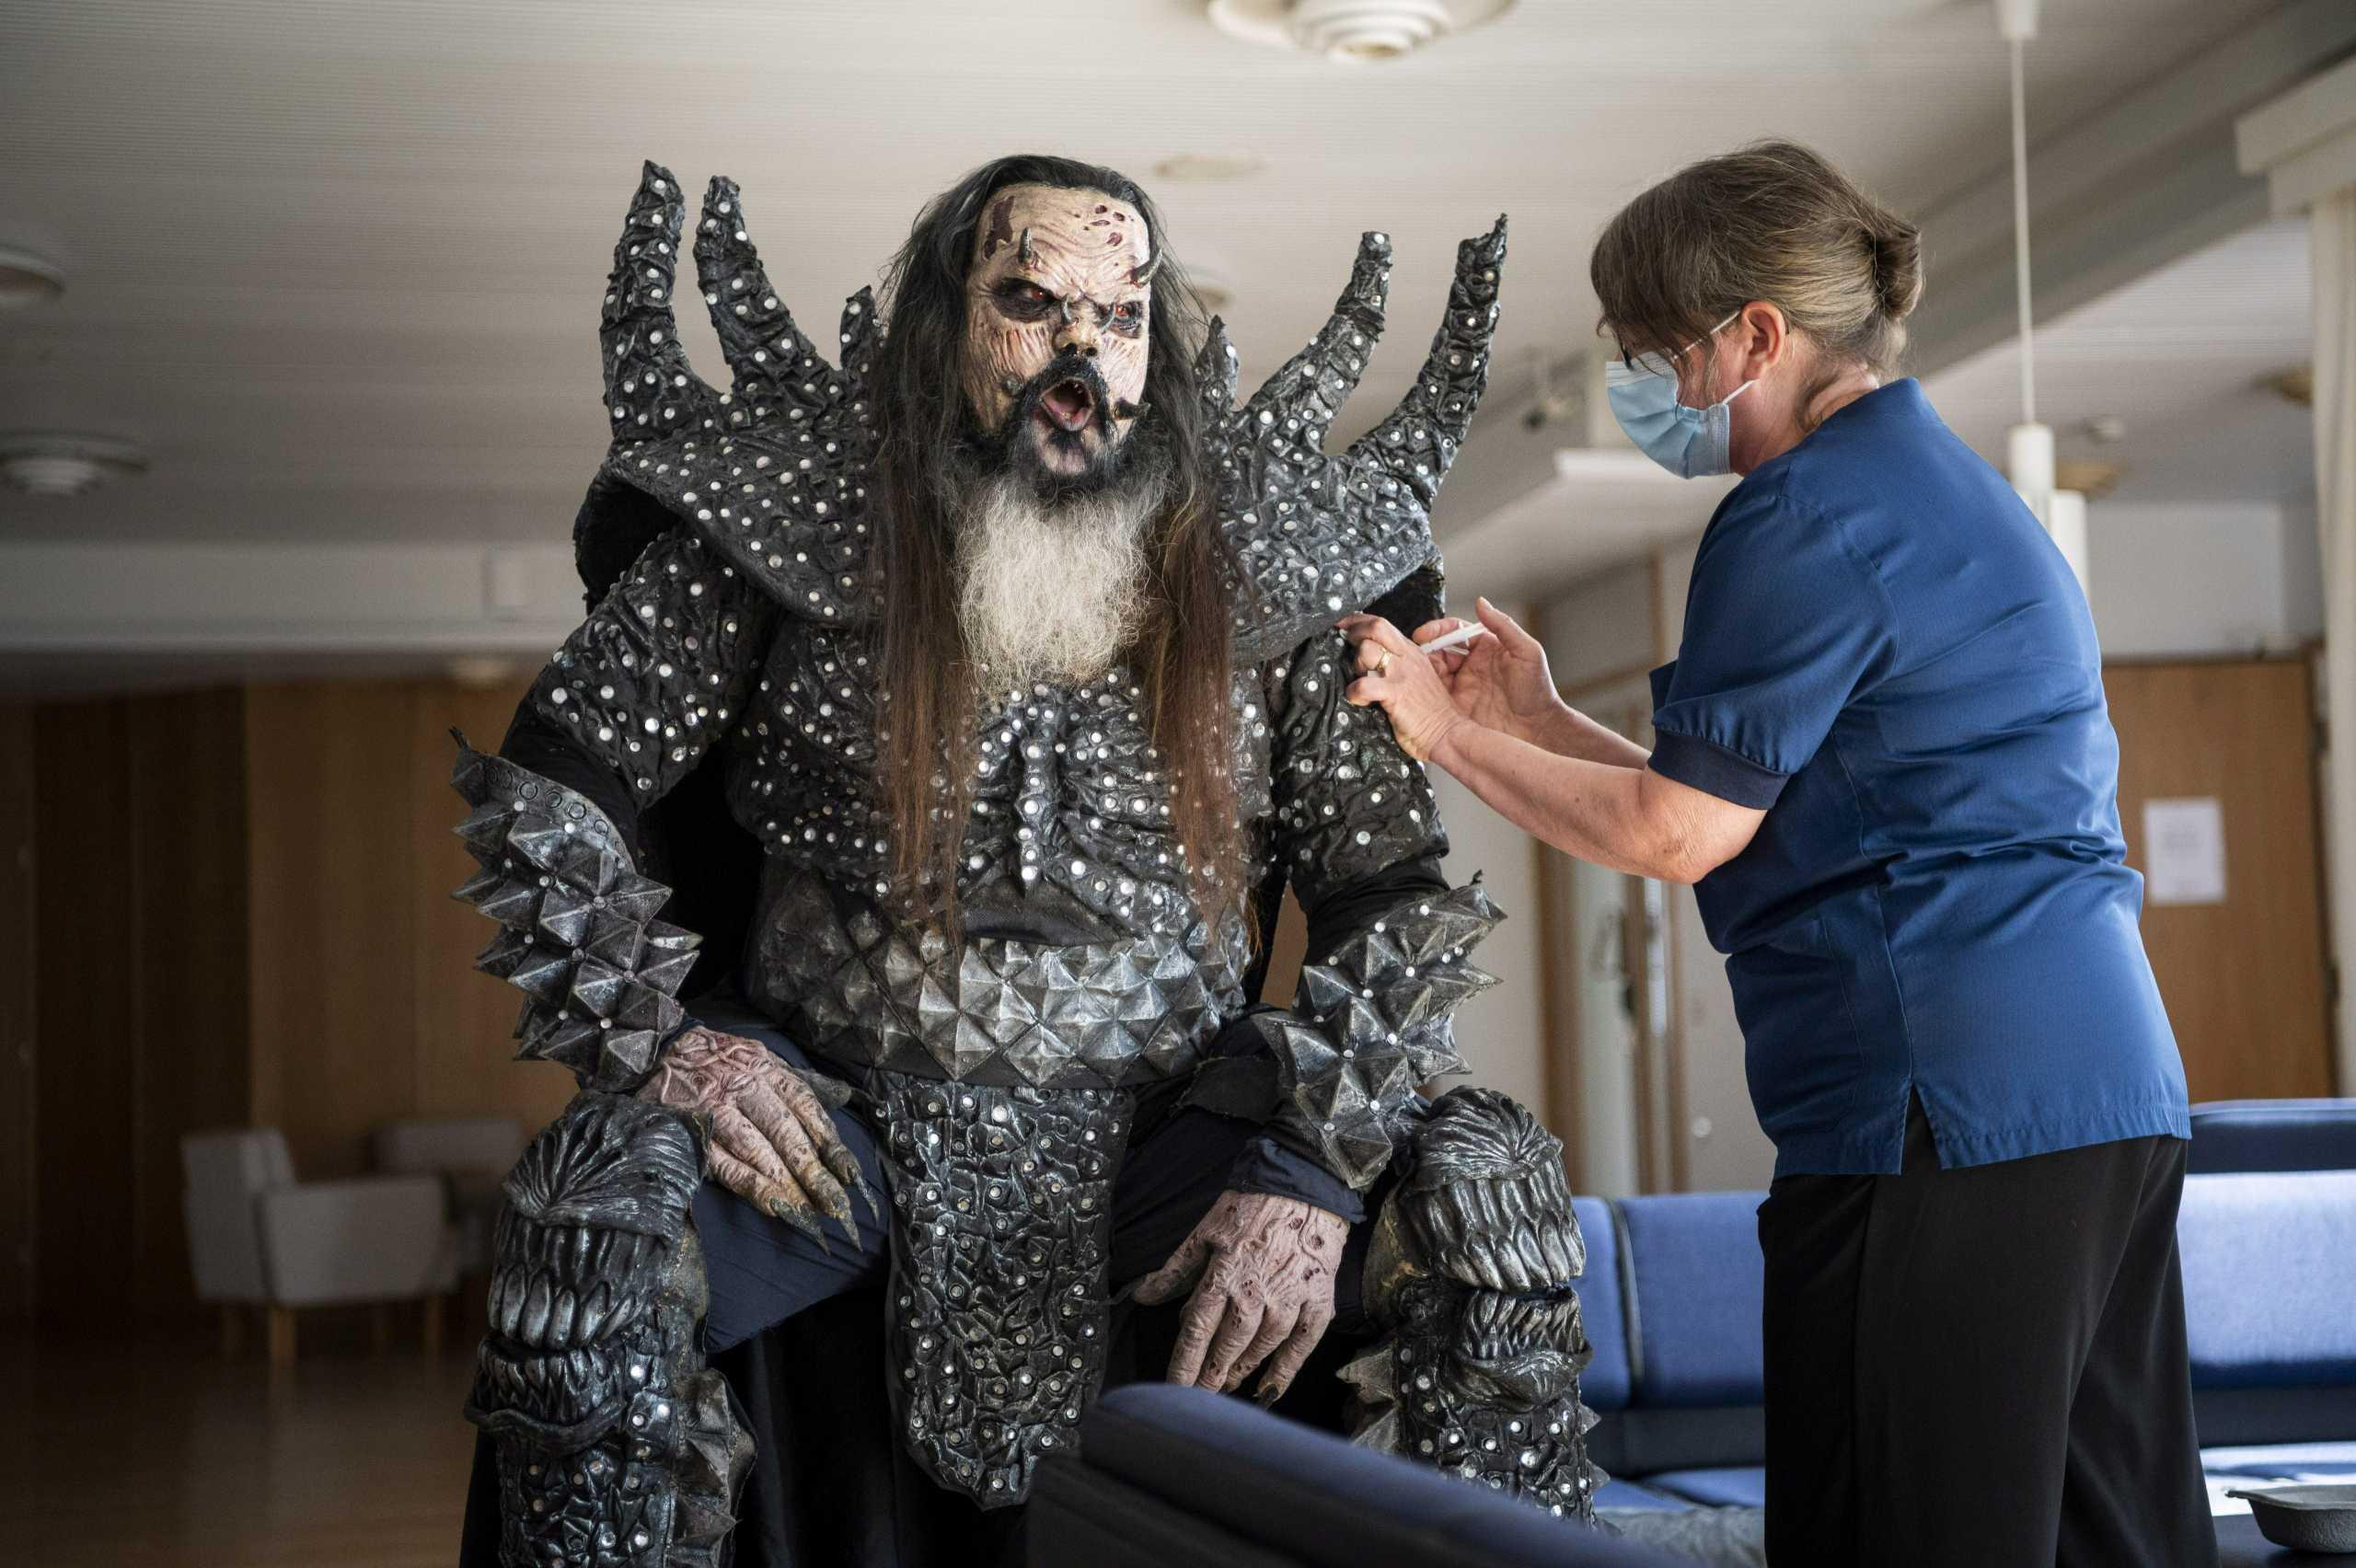 Κορονοϊός: Ο Mr Lordi έκανε εμβόλιο φορώντας την στολή του και τρέλανε το Ροβανιέμι